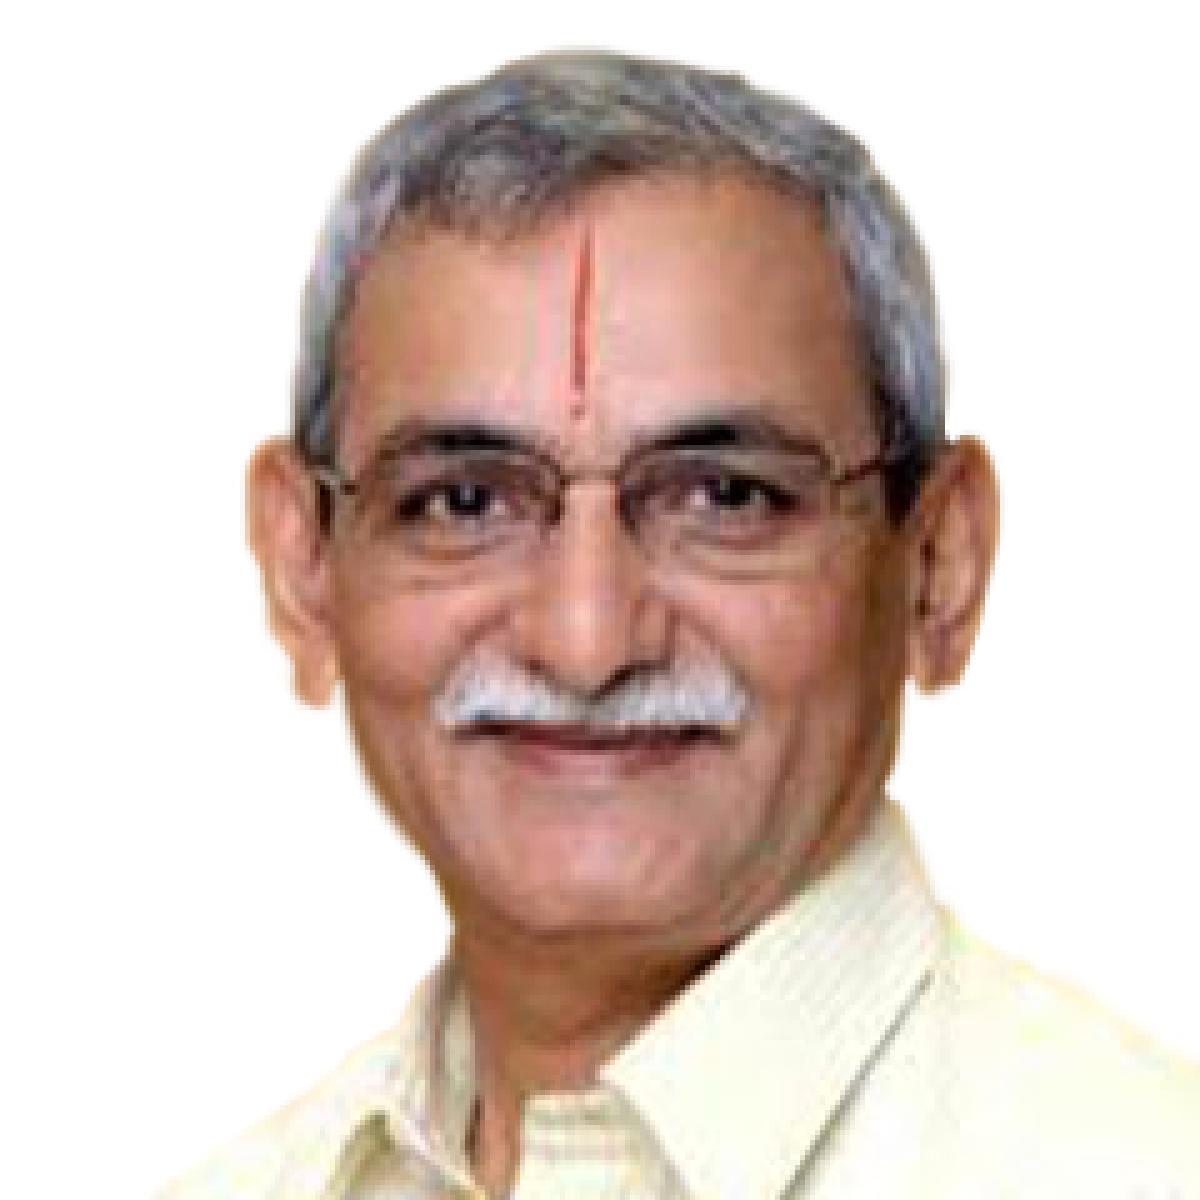 Central Vigilance Commissioner K V Chowdary